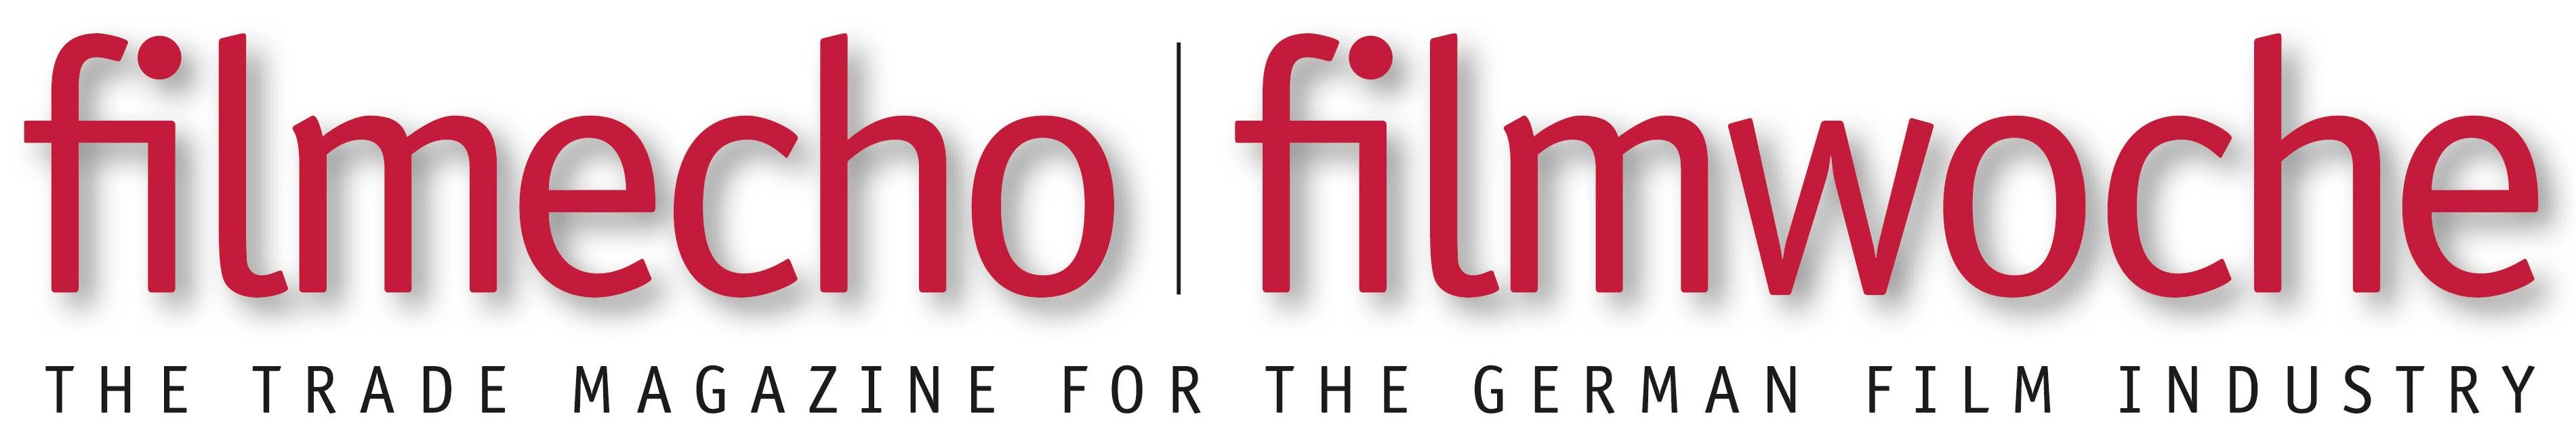 Filmecho/Filmwoche Logo